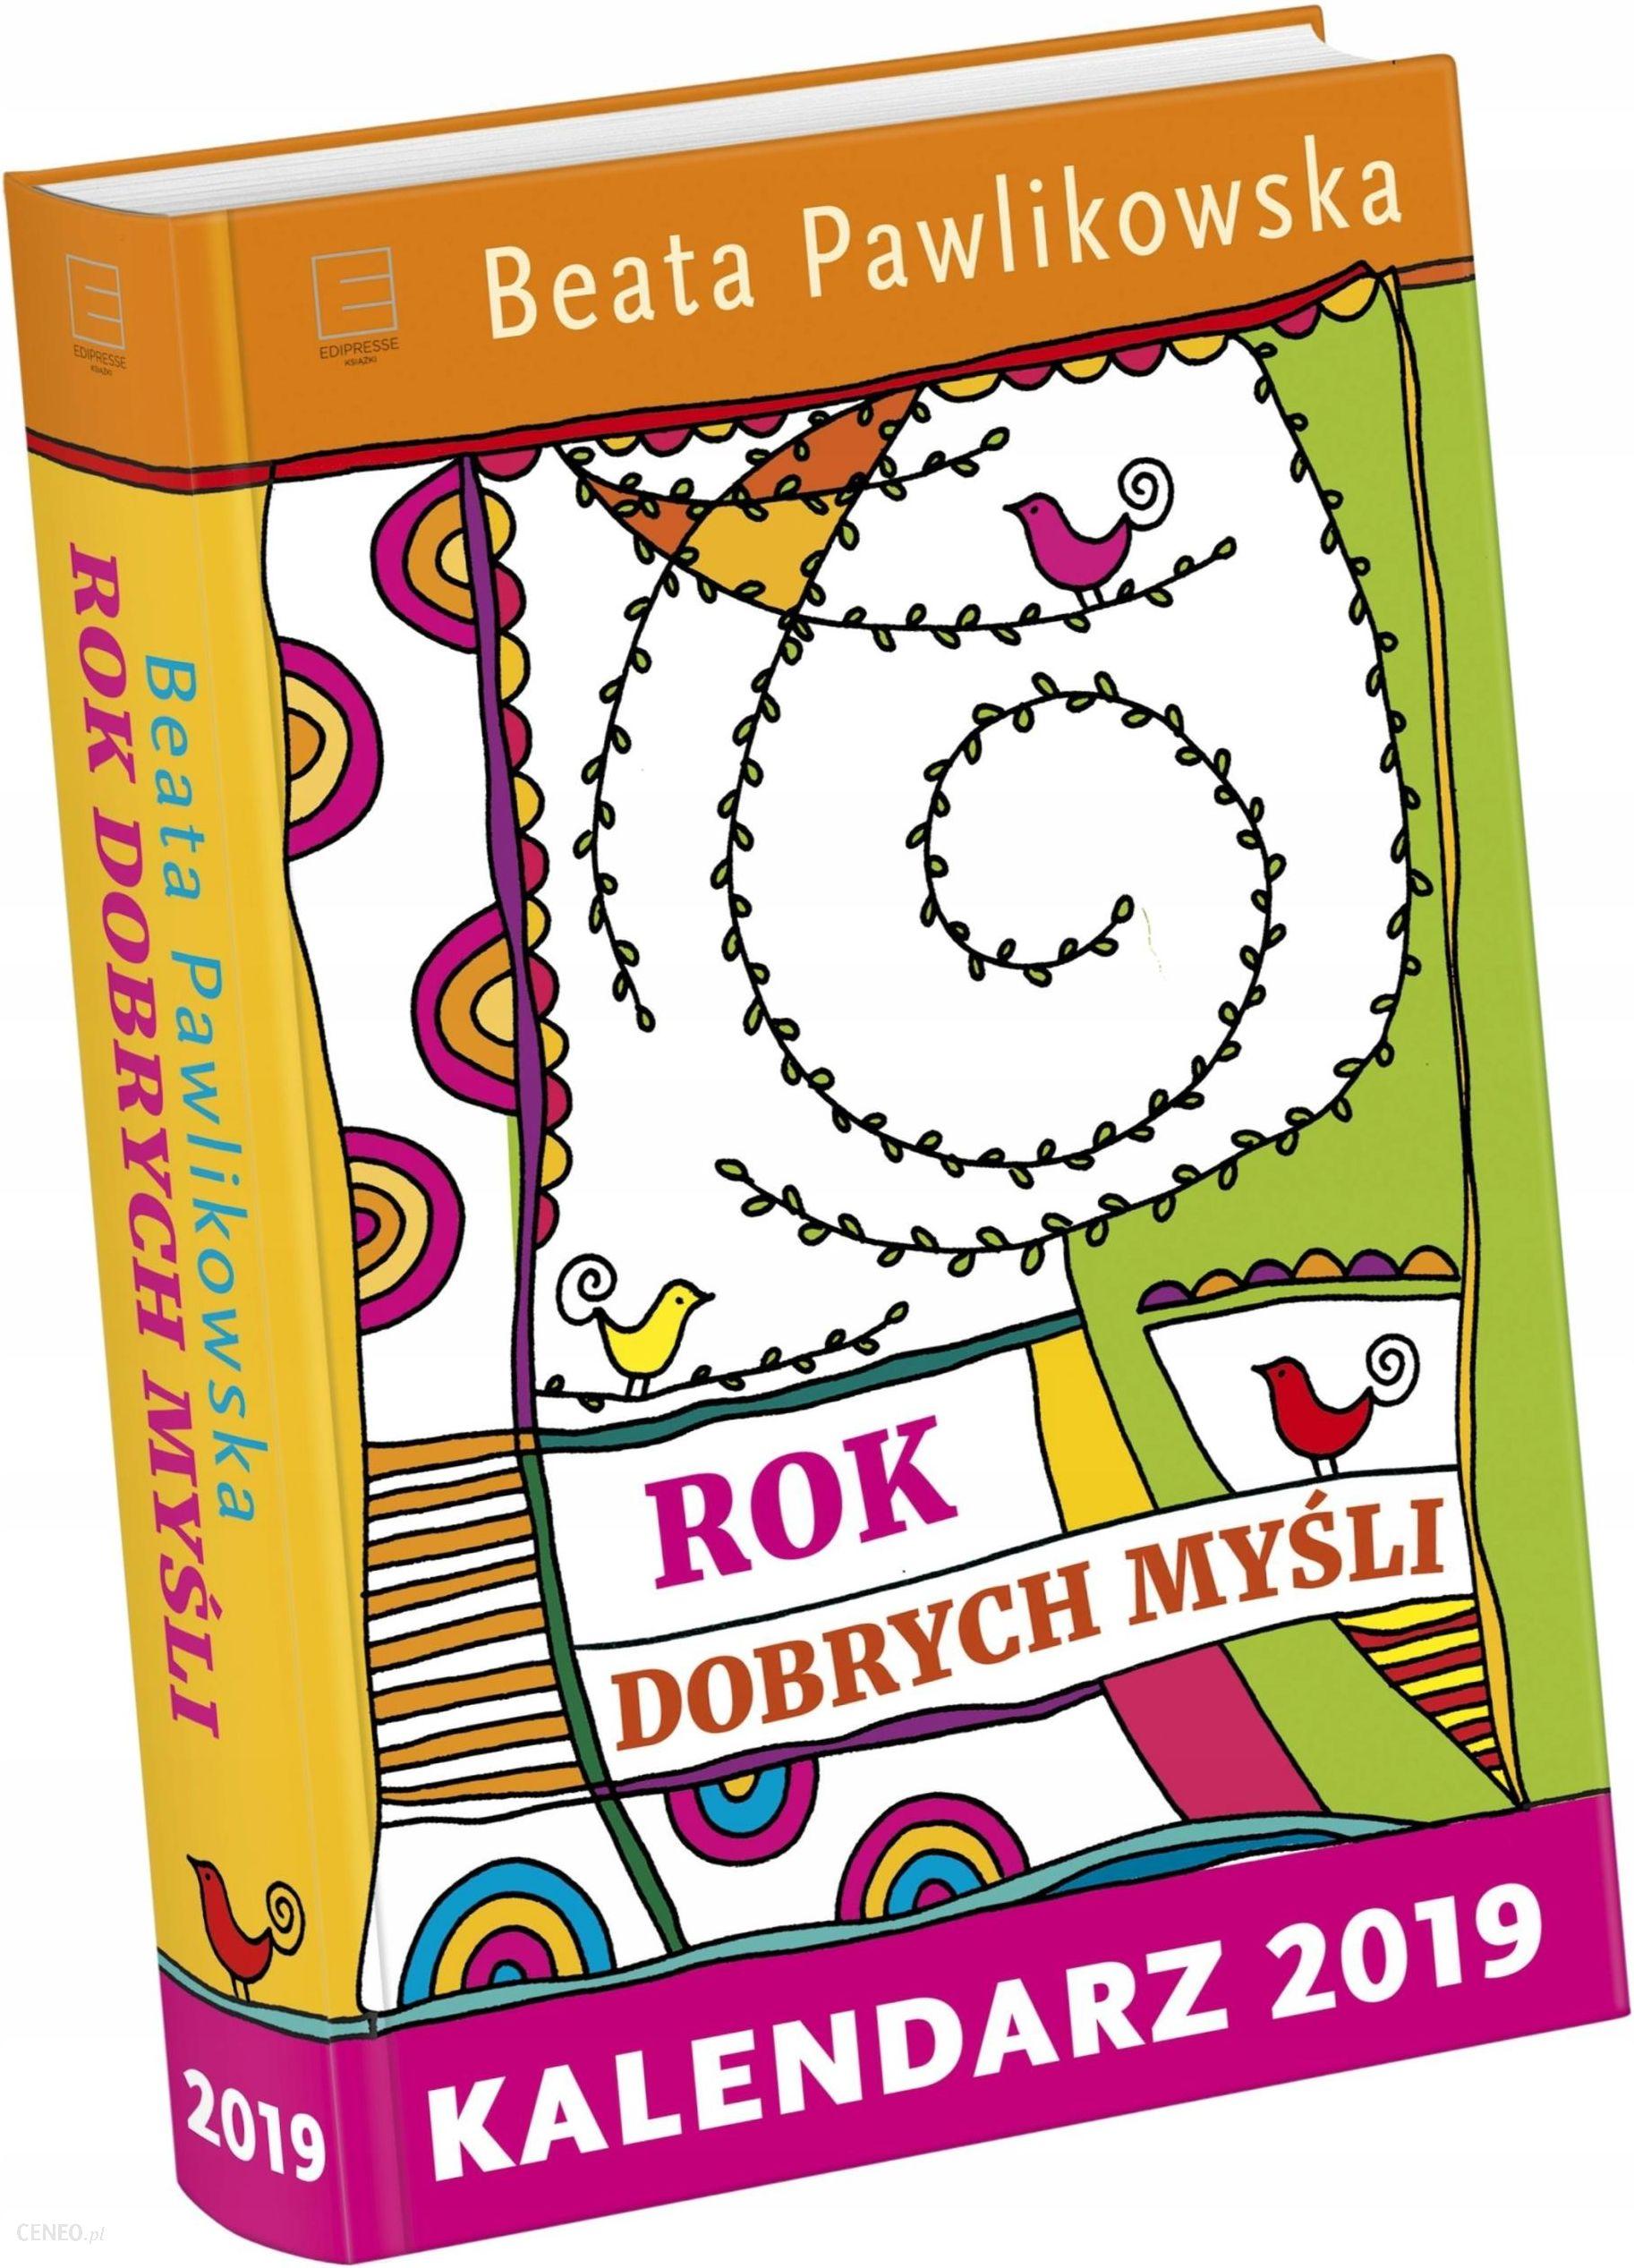 Kalendarz 2019 Rok Dobrych Myśli Pawlikowska